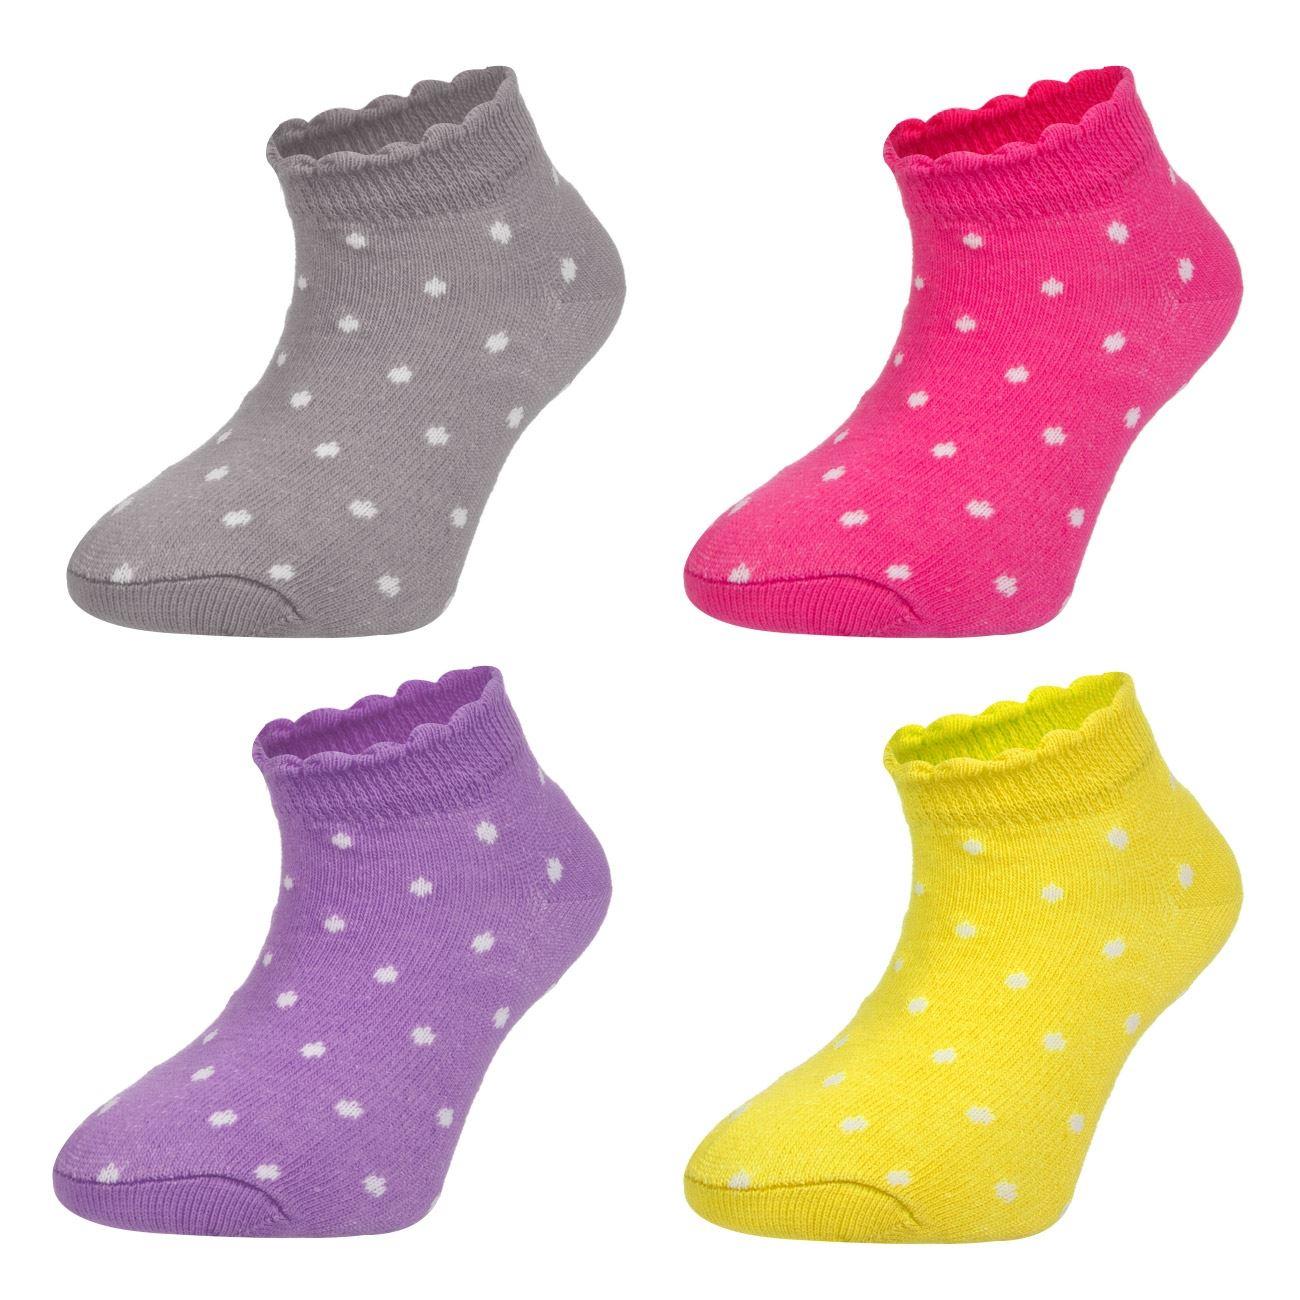 Κάλτσες Παιδικές Σοσόνια - 4 τμχ.   Κάλτσες Σοσόνια Κορίτσι Πακέτα ... 6067b83f44c